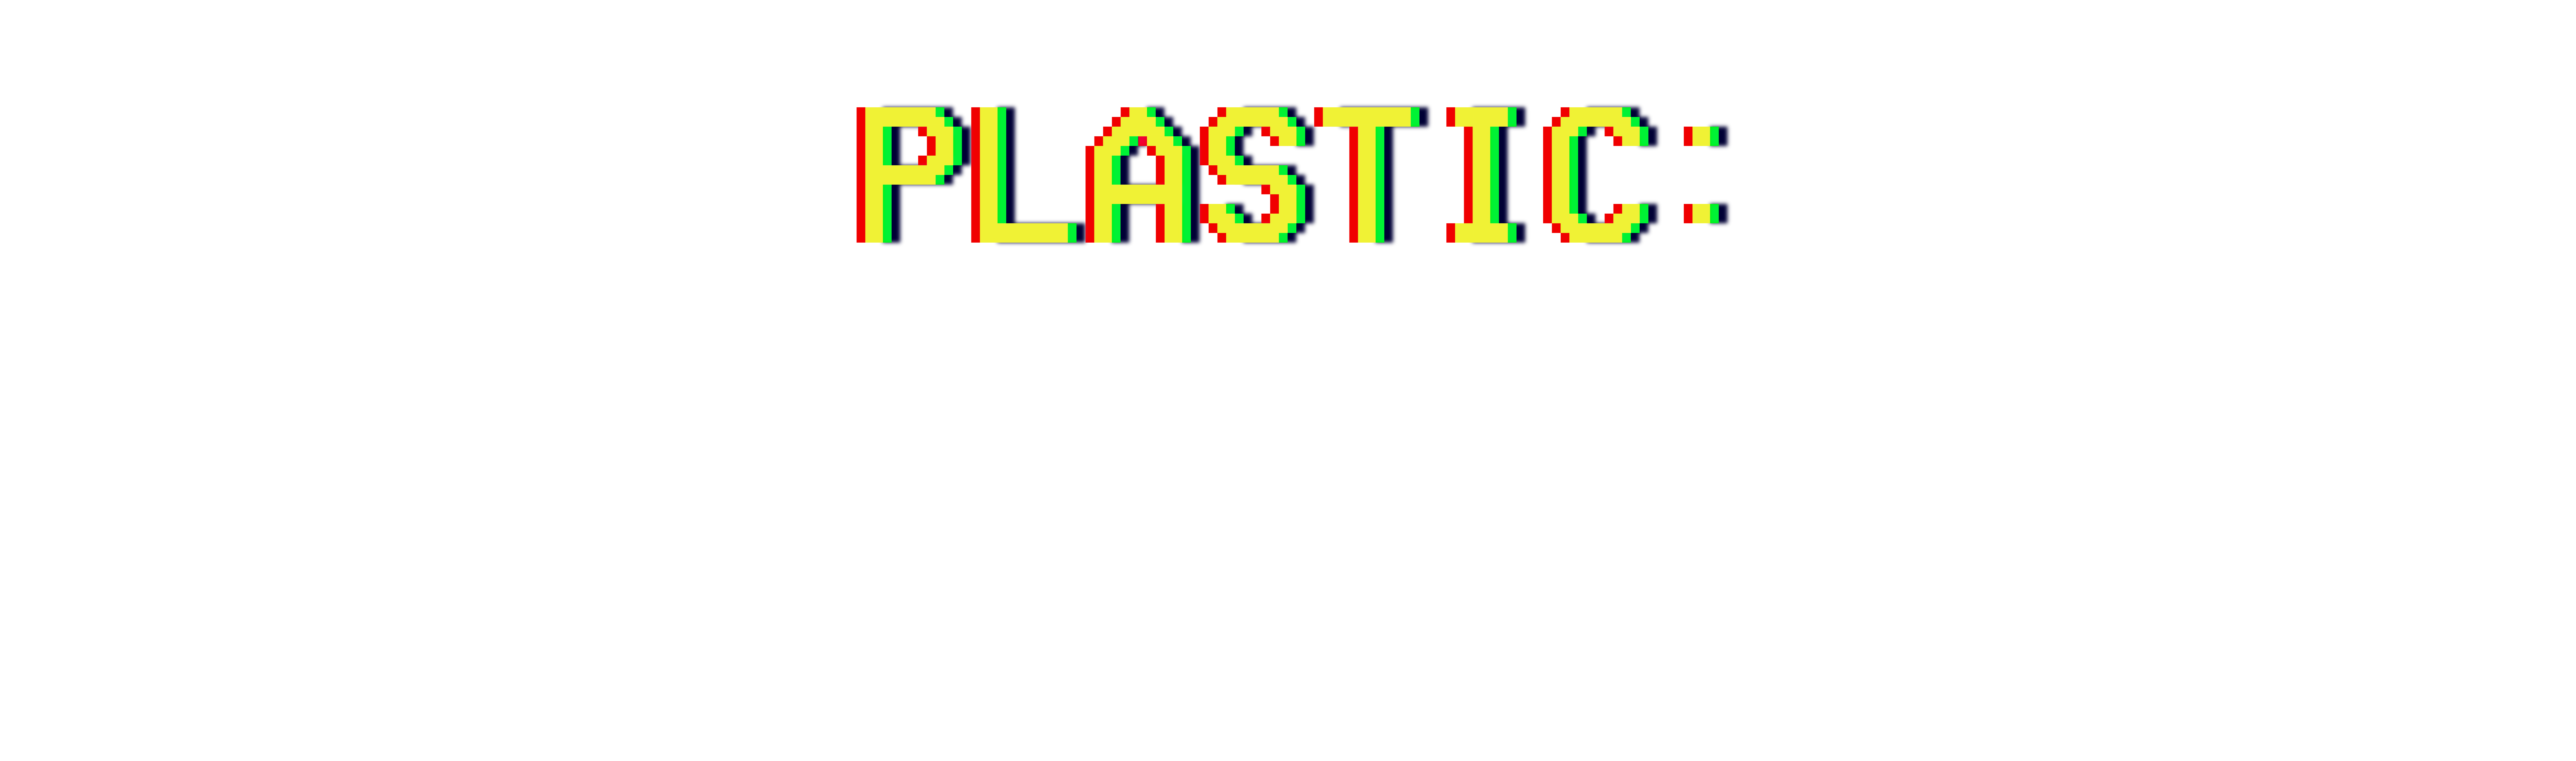 Plastic: